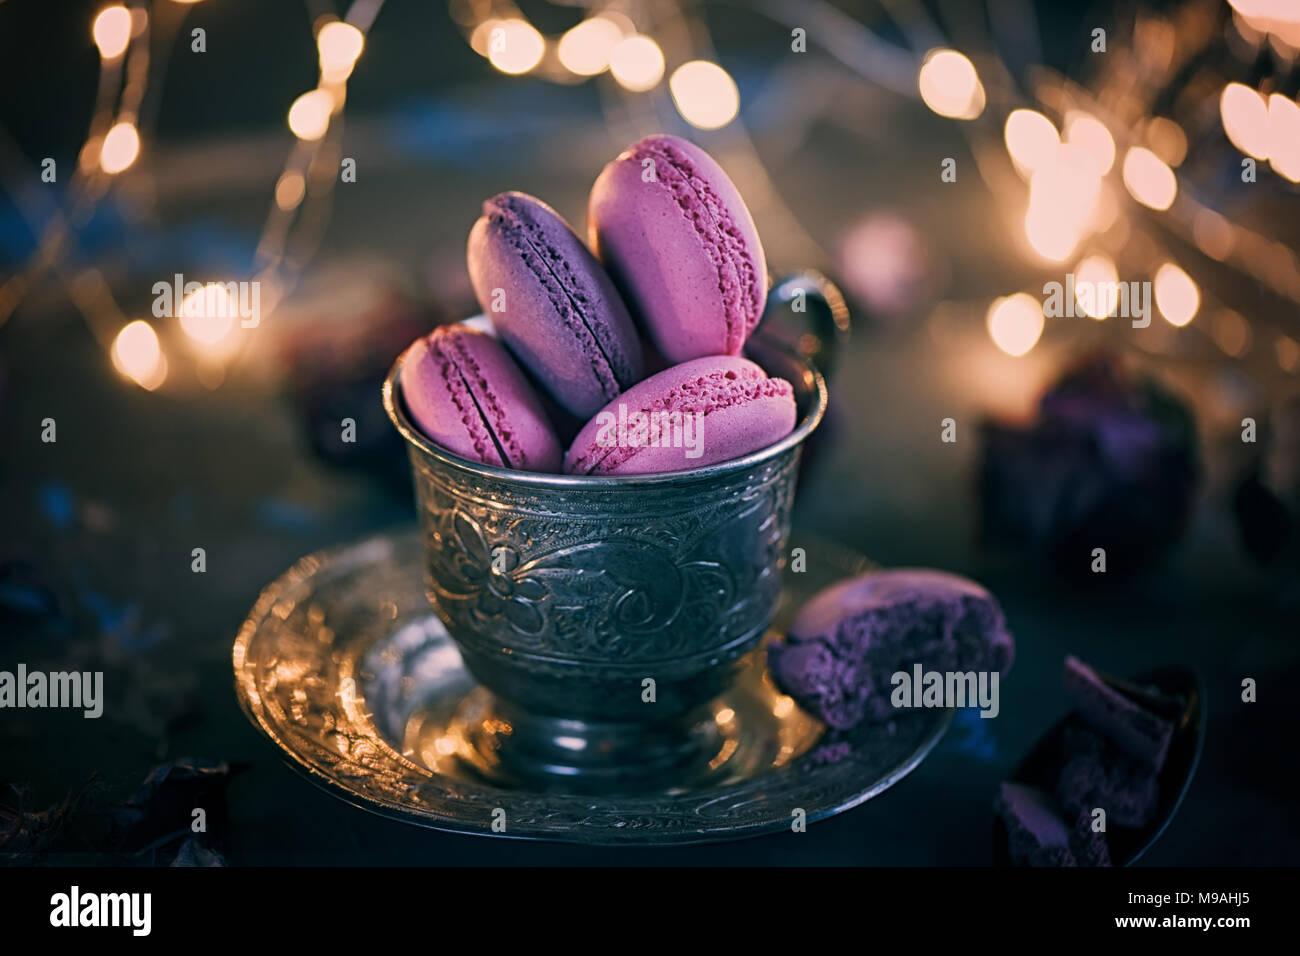 Des petits macarons sur une coupe de métal de l'argent avec de l'effet bokeh voyants sur le fond en bois. Focus sélectif. Spase copie Photo Stock